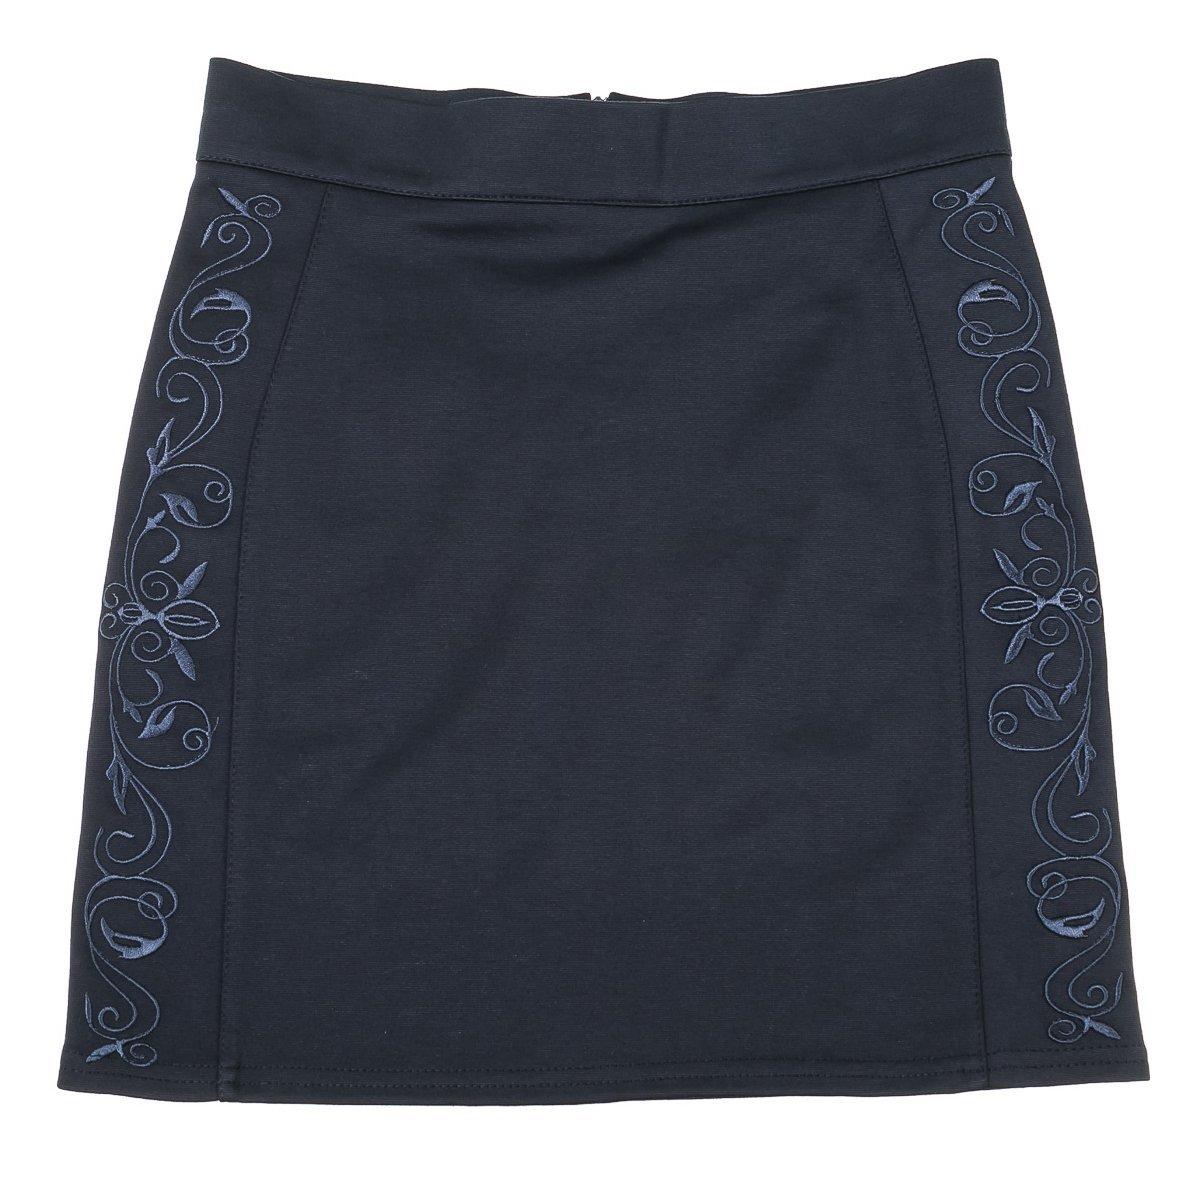 Купить Платья, сарафаны, юбки, Юбка Mevis Olivia темно-синяя, р. 152 1684-01 ТМ: Mevis, синий